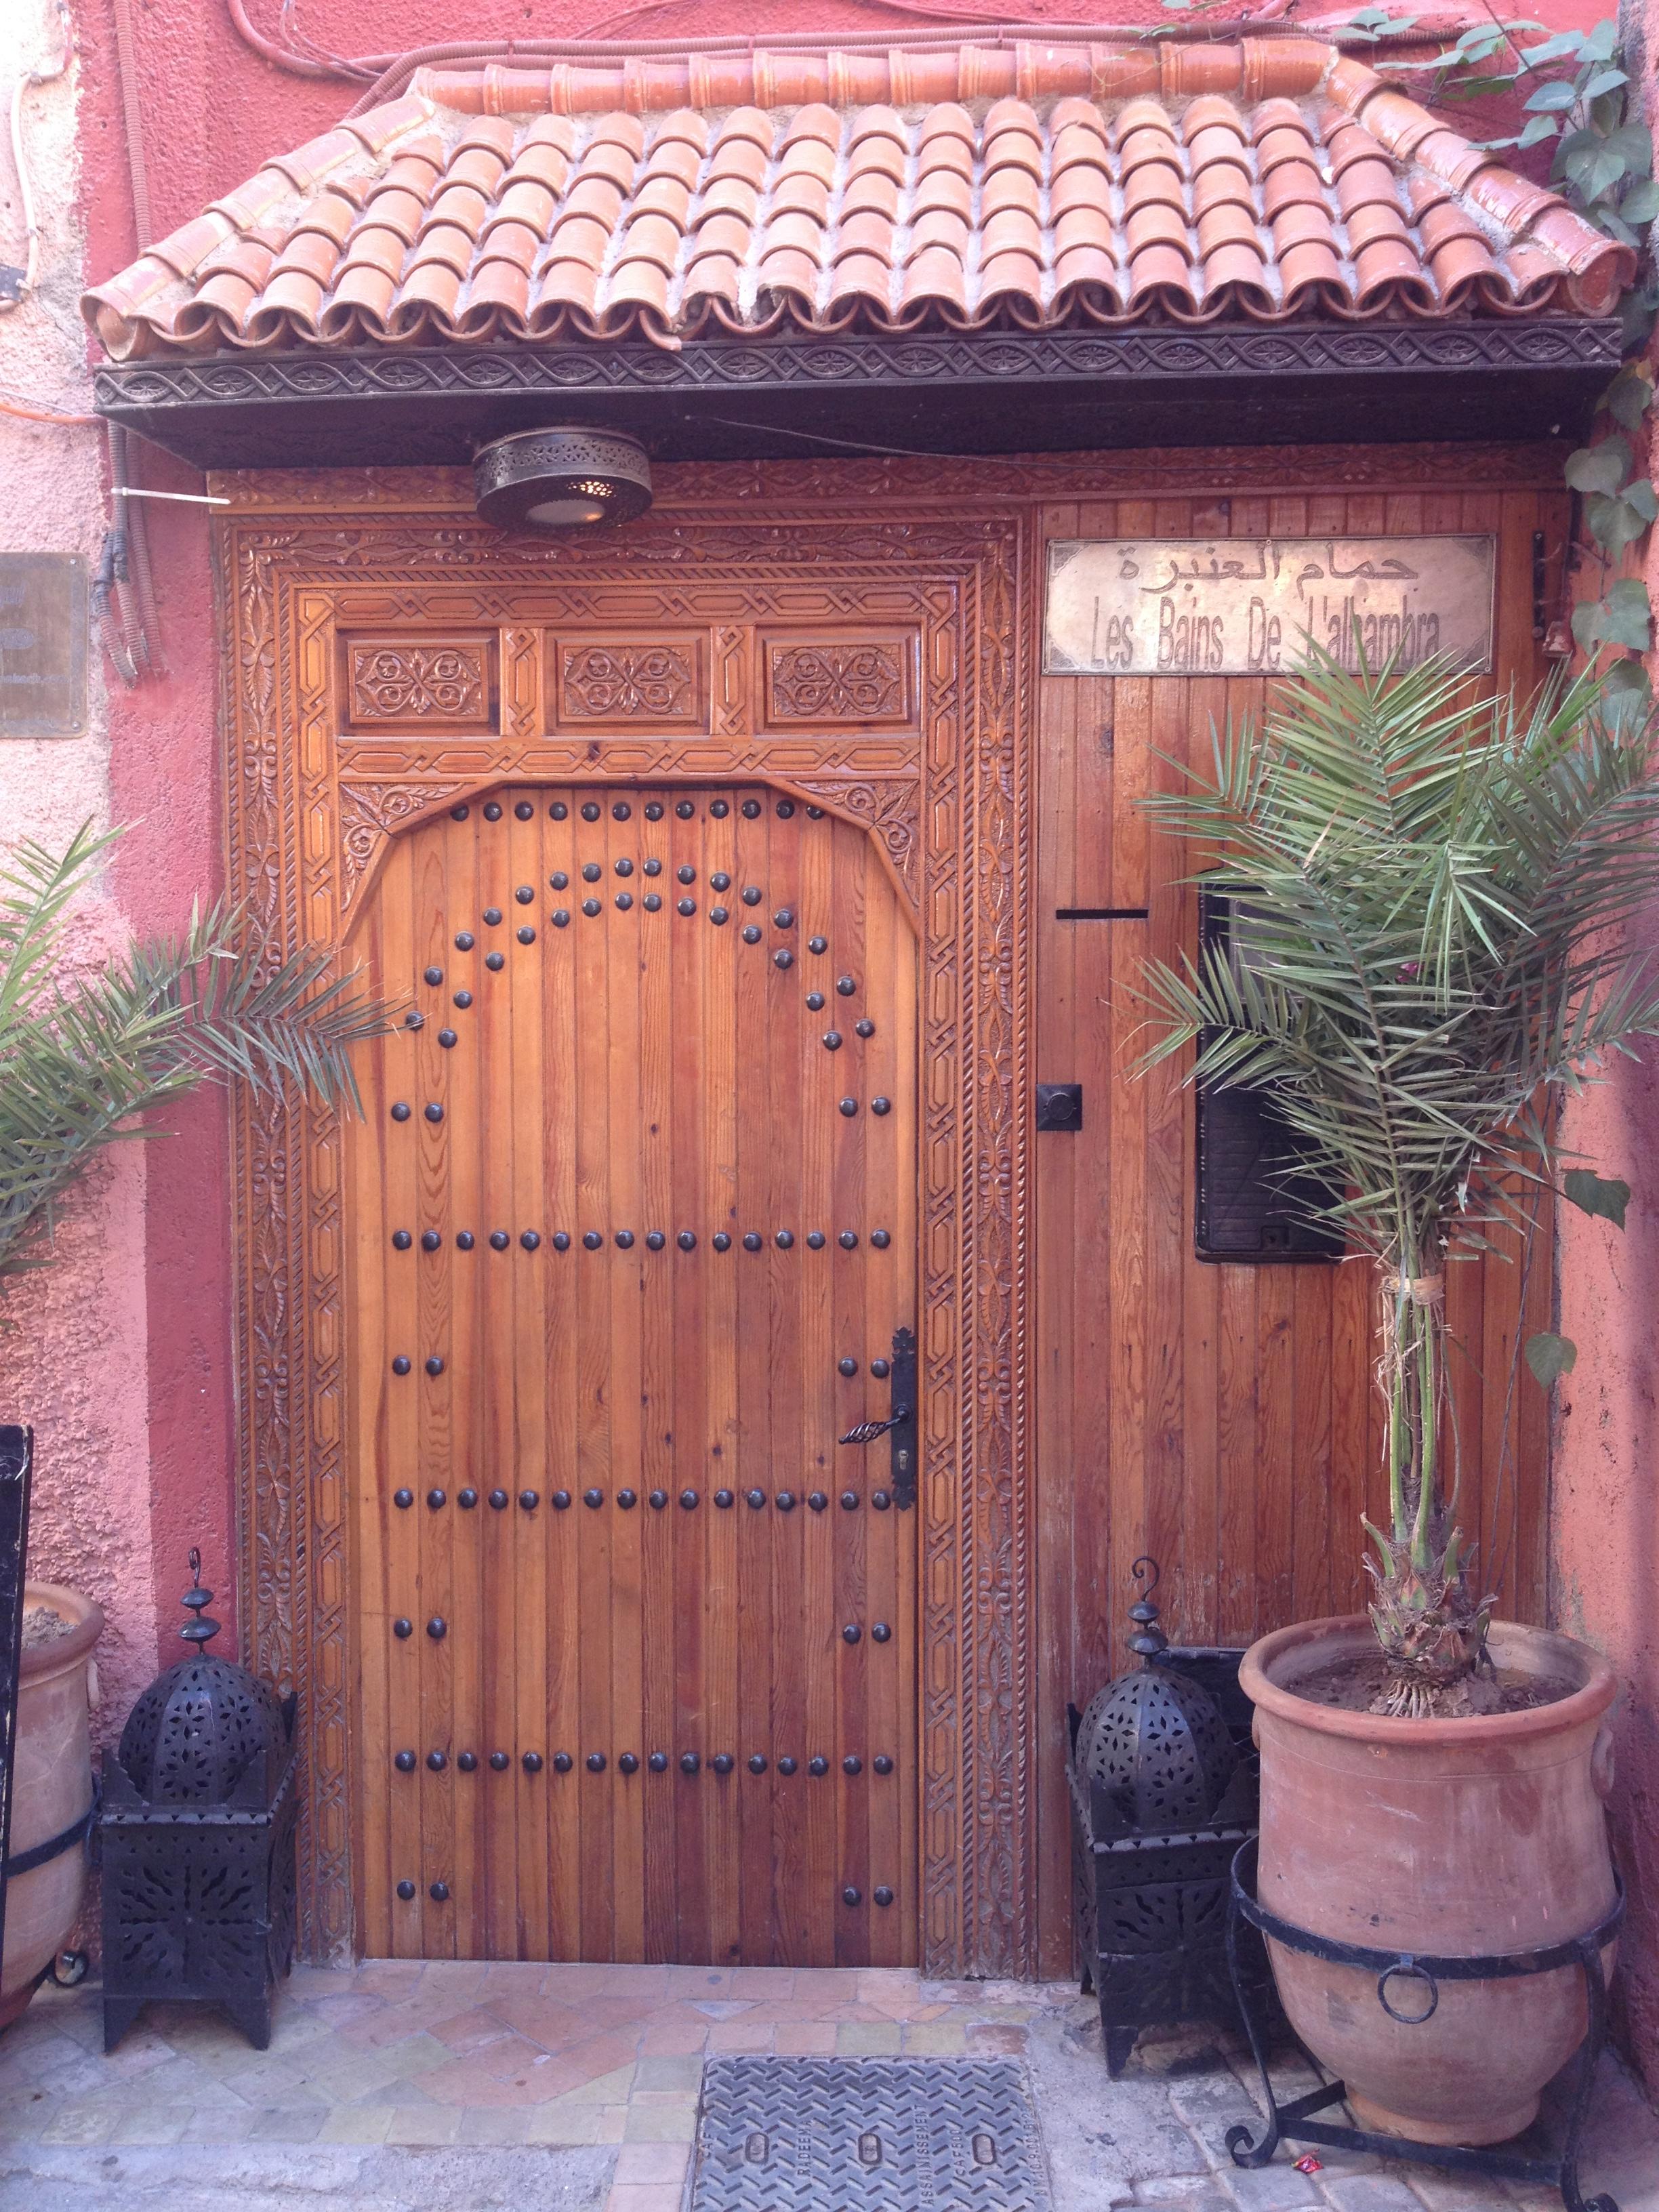 Les bains de l'Alhambra, lieu typique et insolite de Marrakech, à faire !